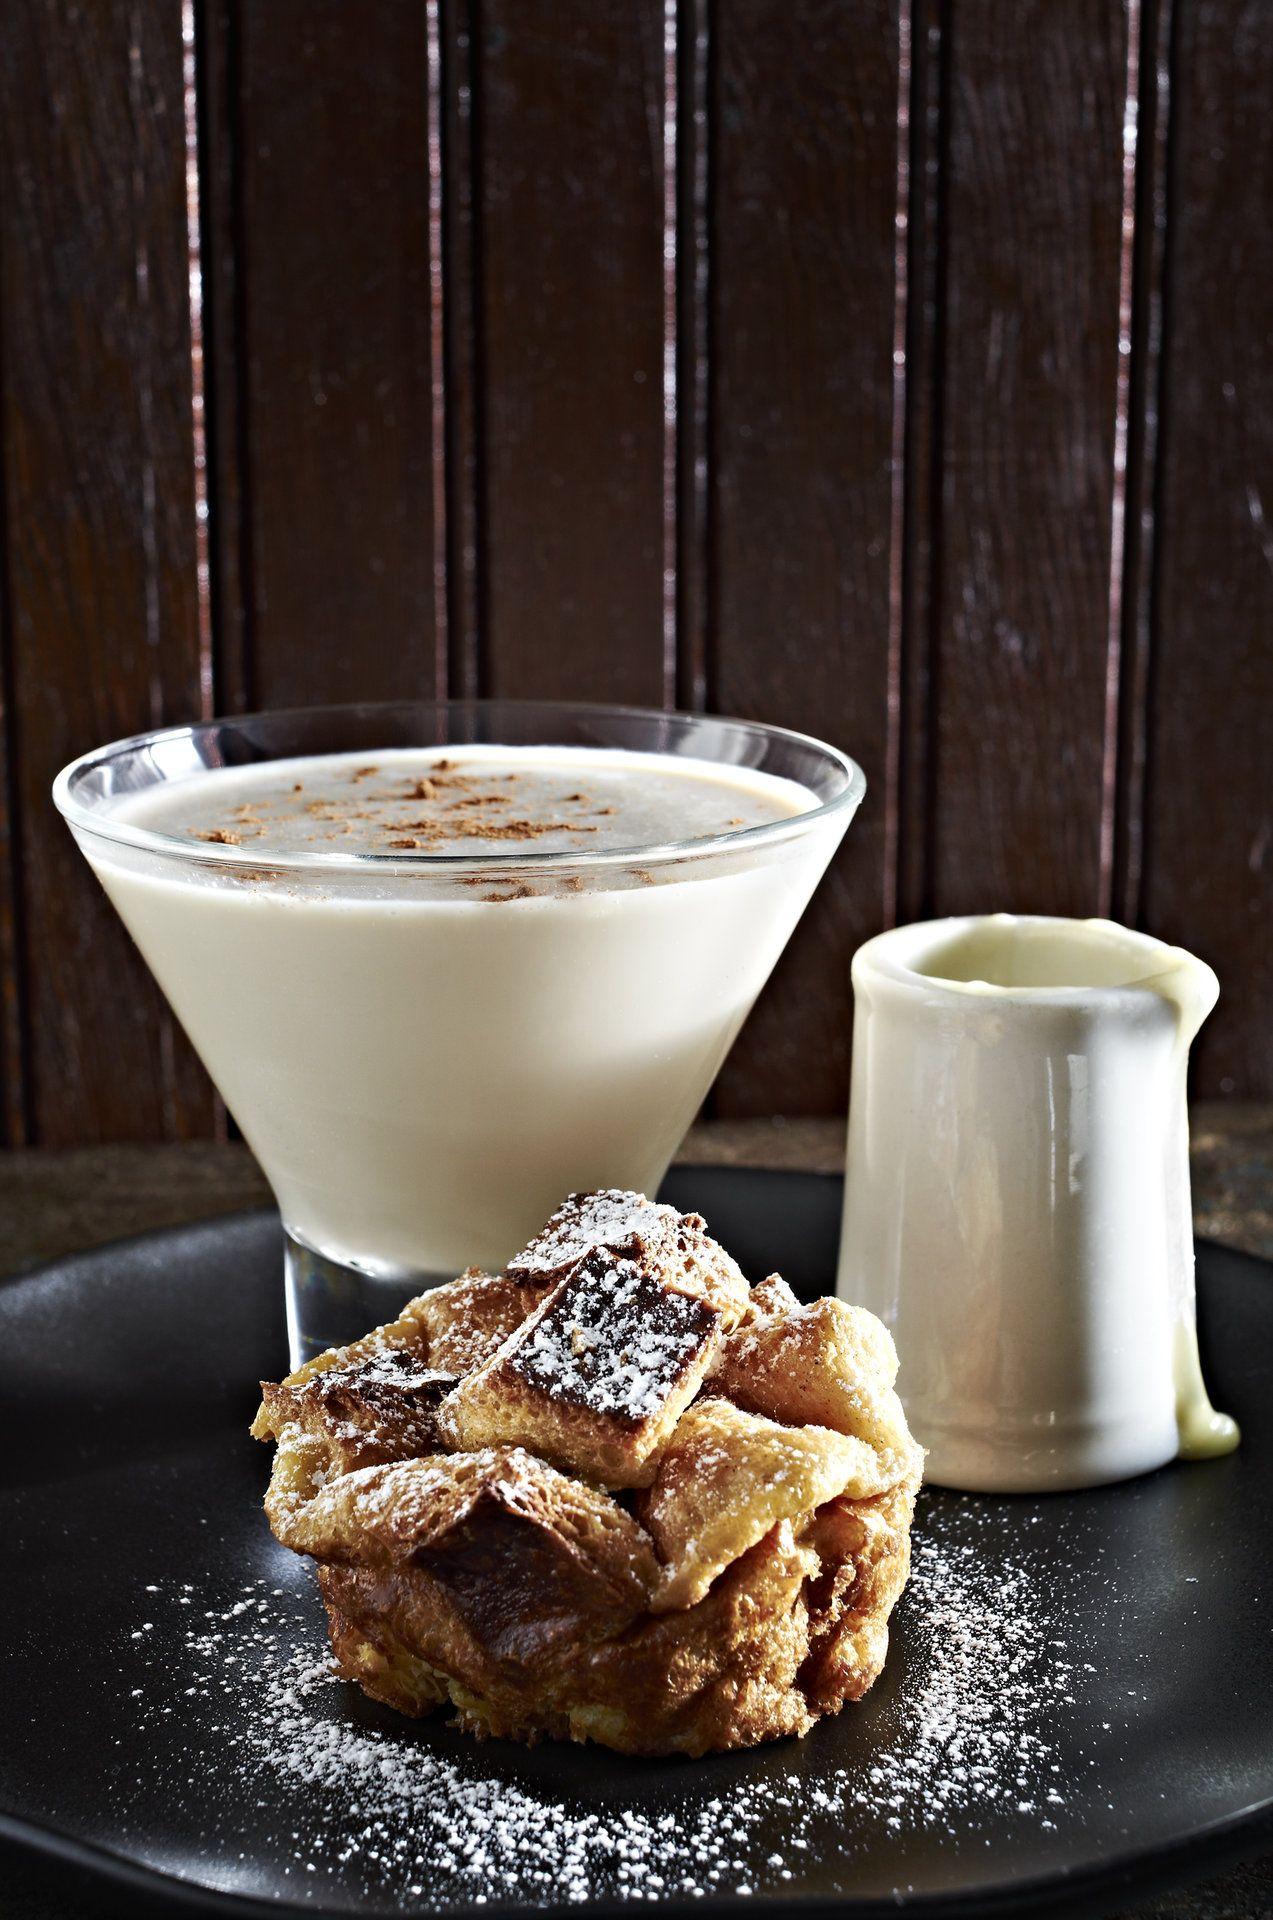 Johanna Lowe Food, Lowes food, Bread pudding